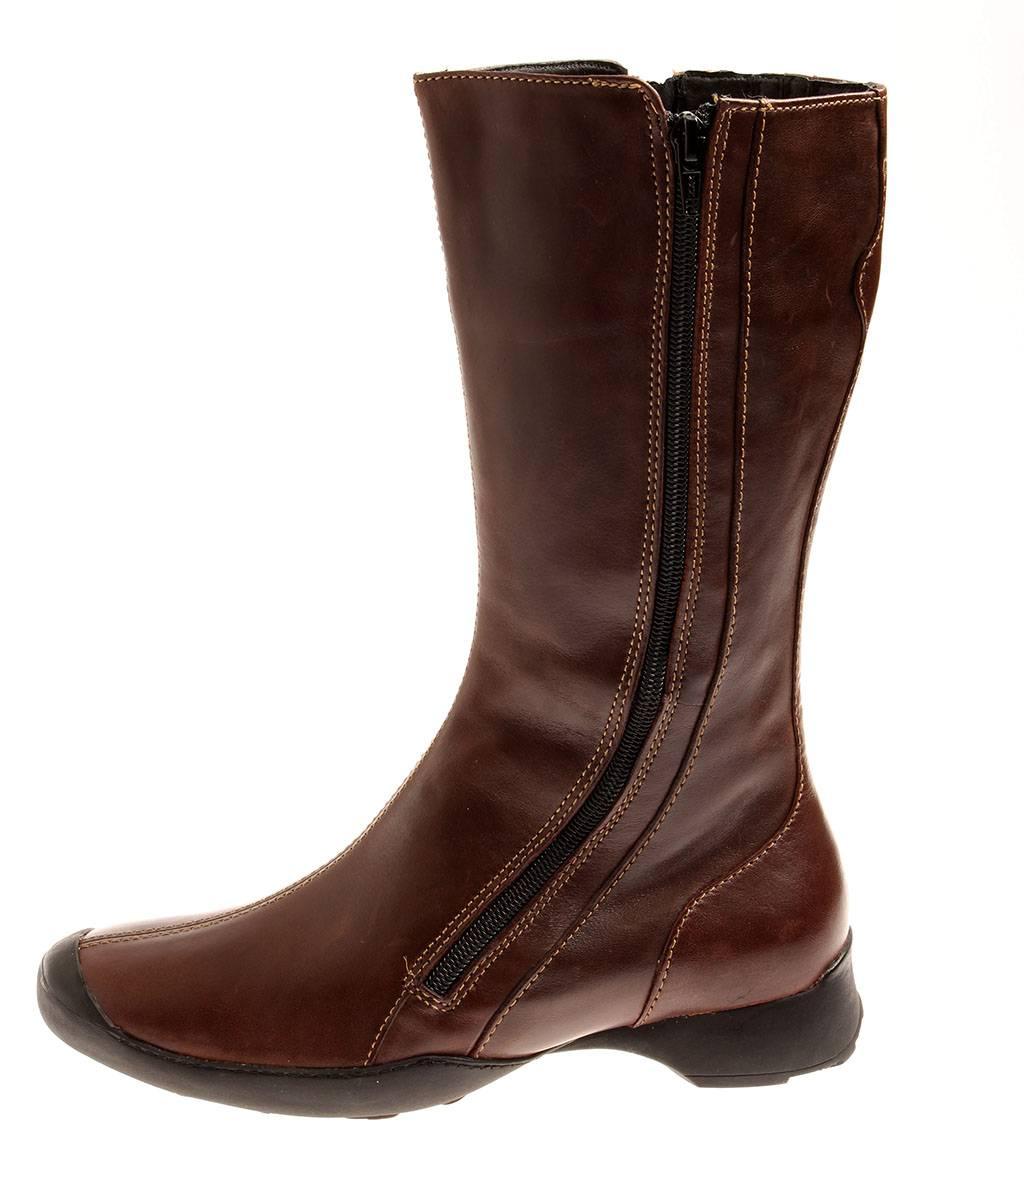 Wolky Schuhe Komfort Langschaft Wechselfußbett Details 6300 Boots Zu Damen Stiefel Drive qpSUMVz